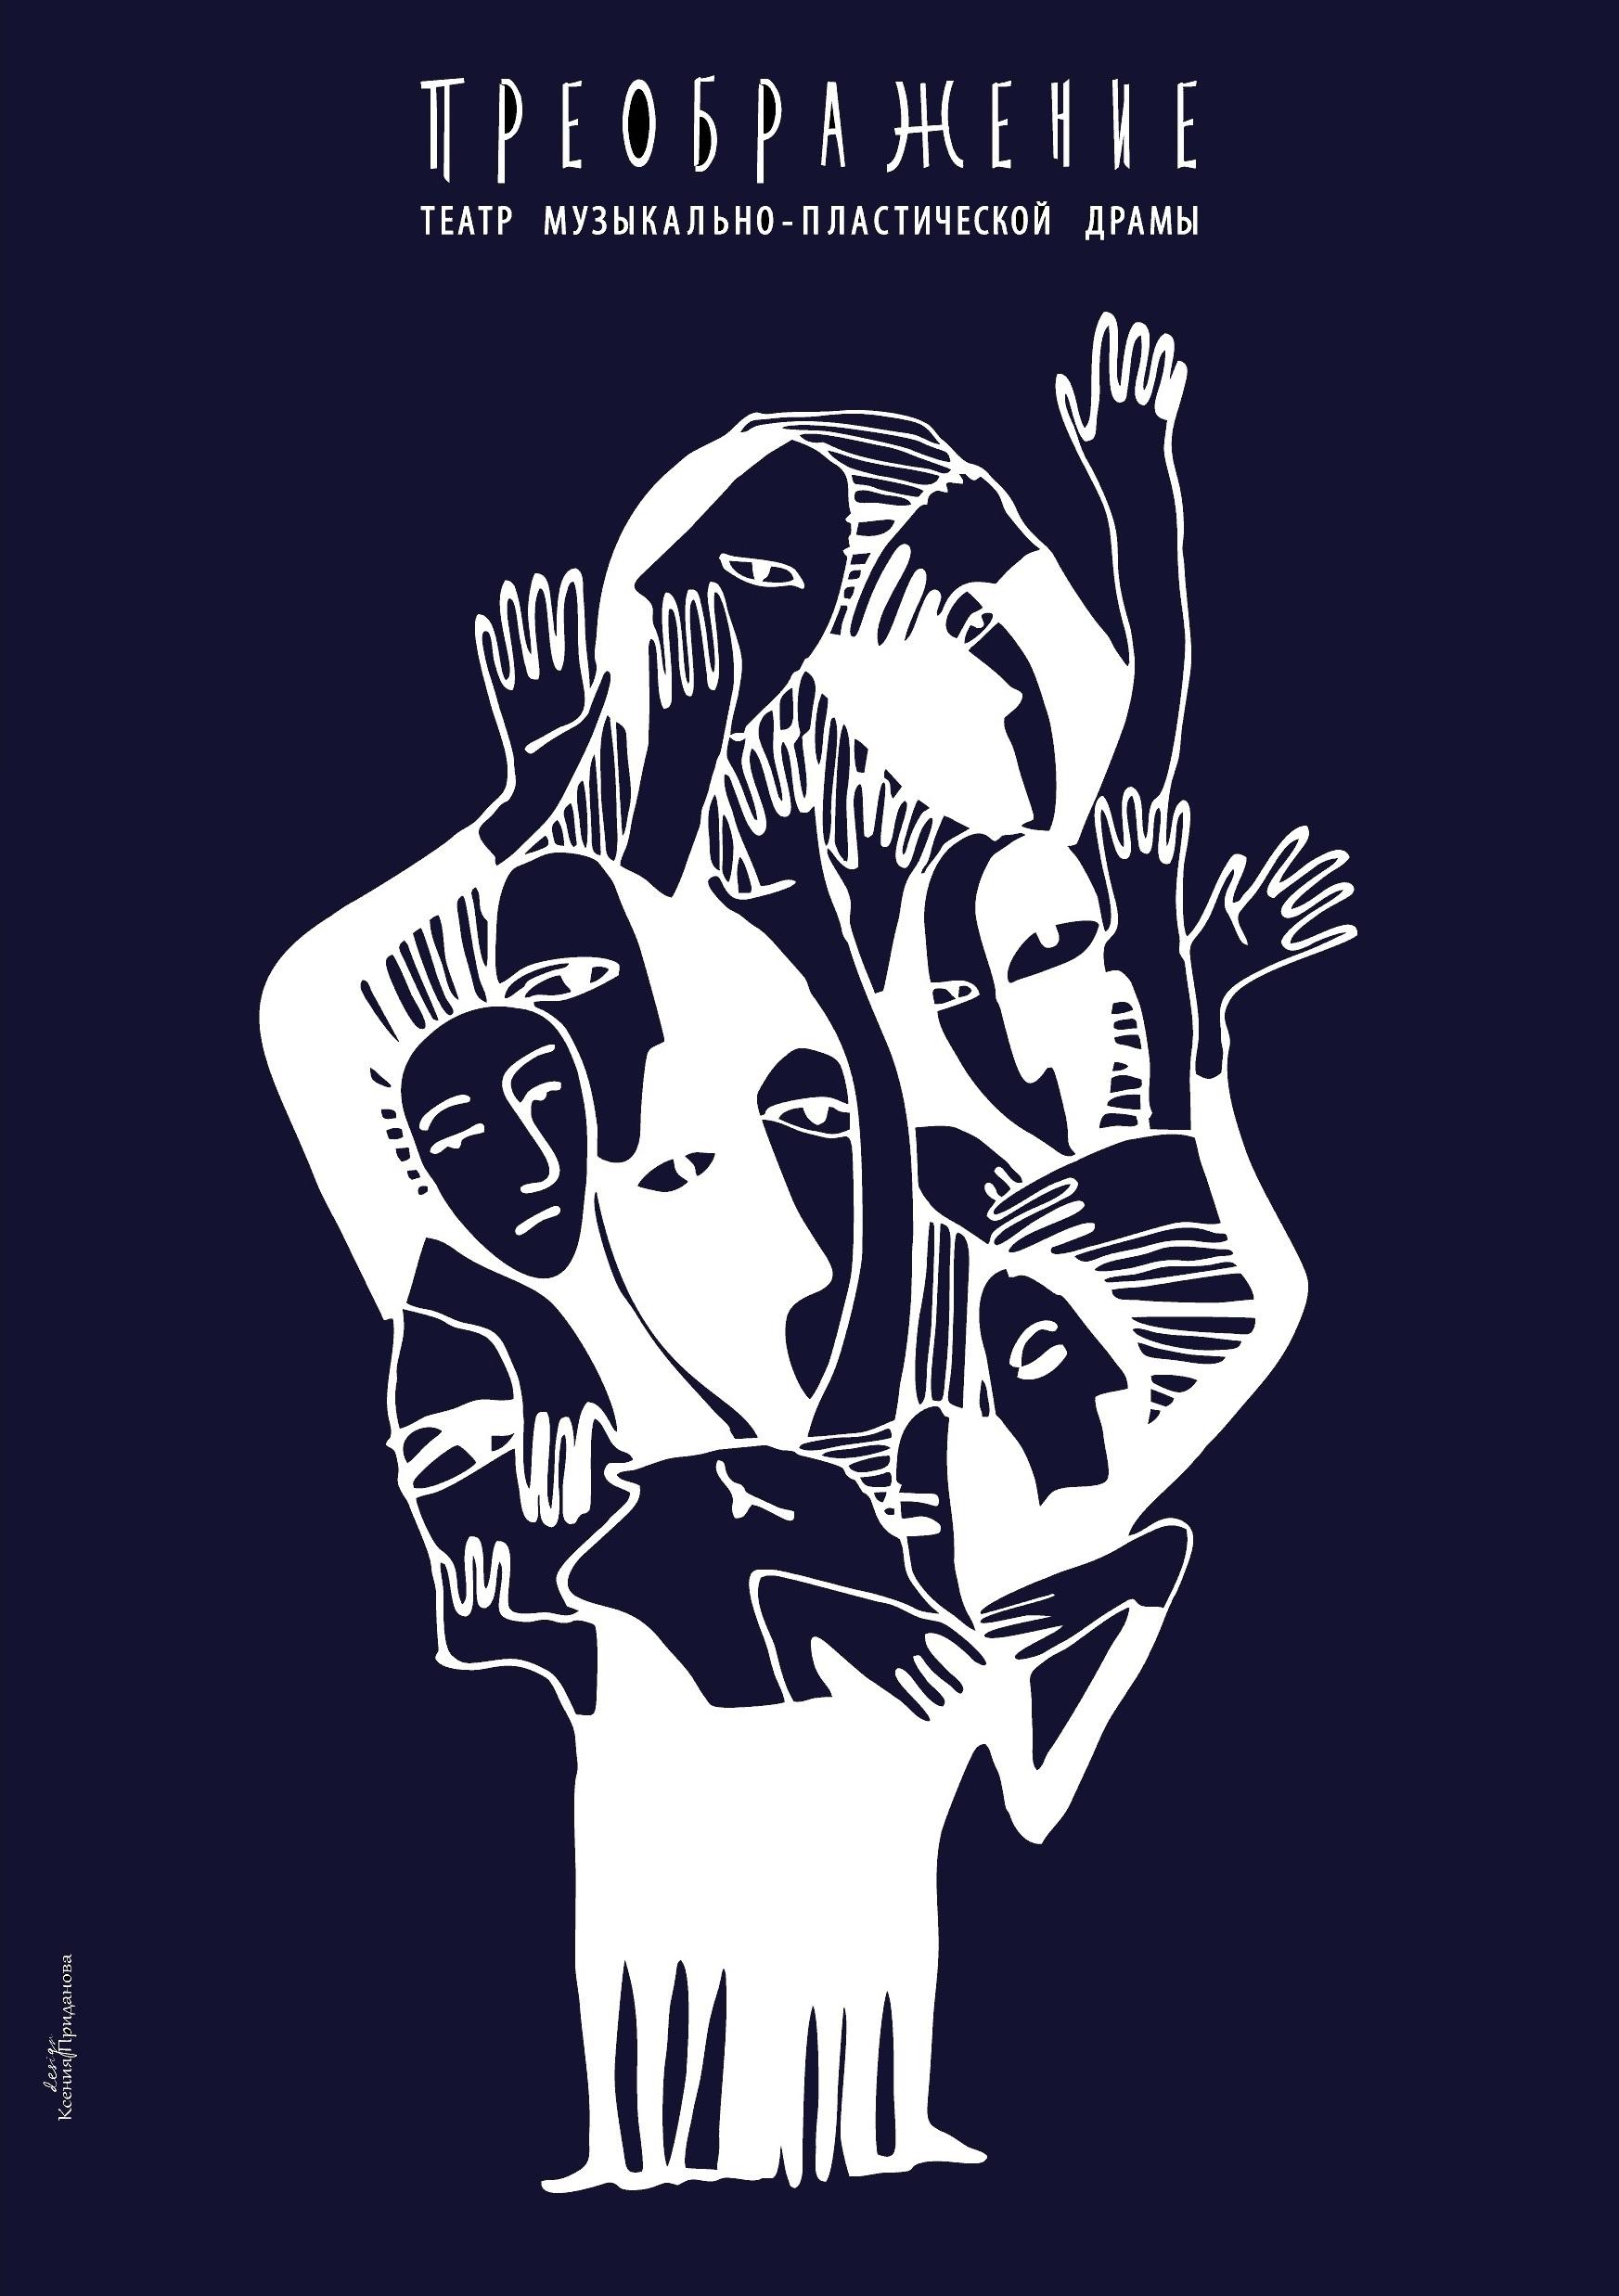 Сбор заказов. Пища для ума и души! Удивительный Нижегородский театр Преображение! Уникальное предложение по ценам! .